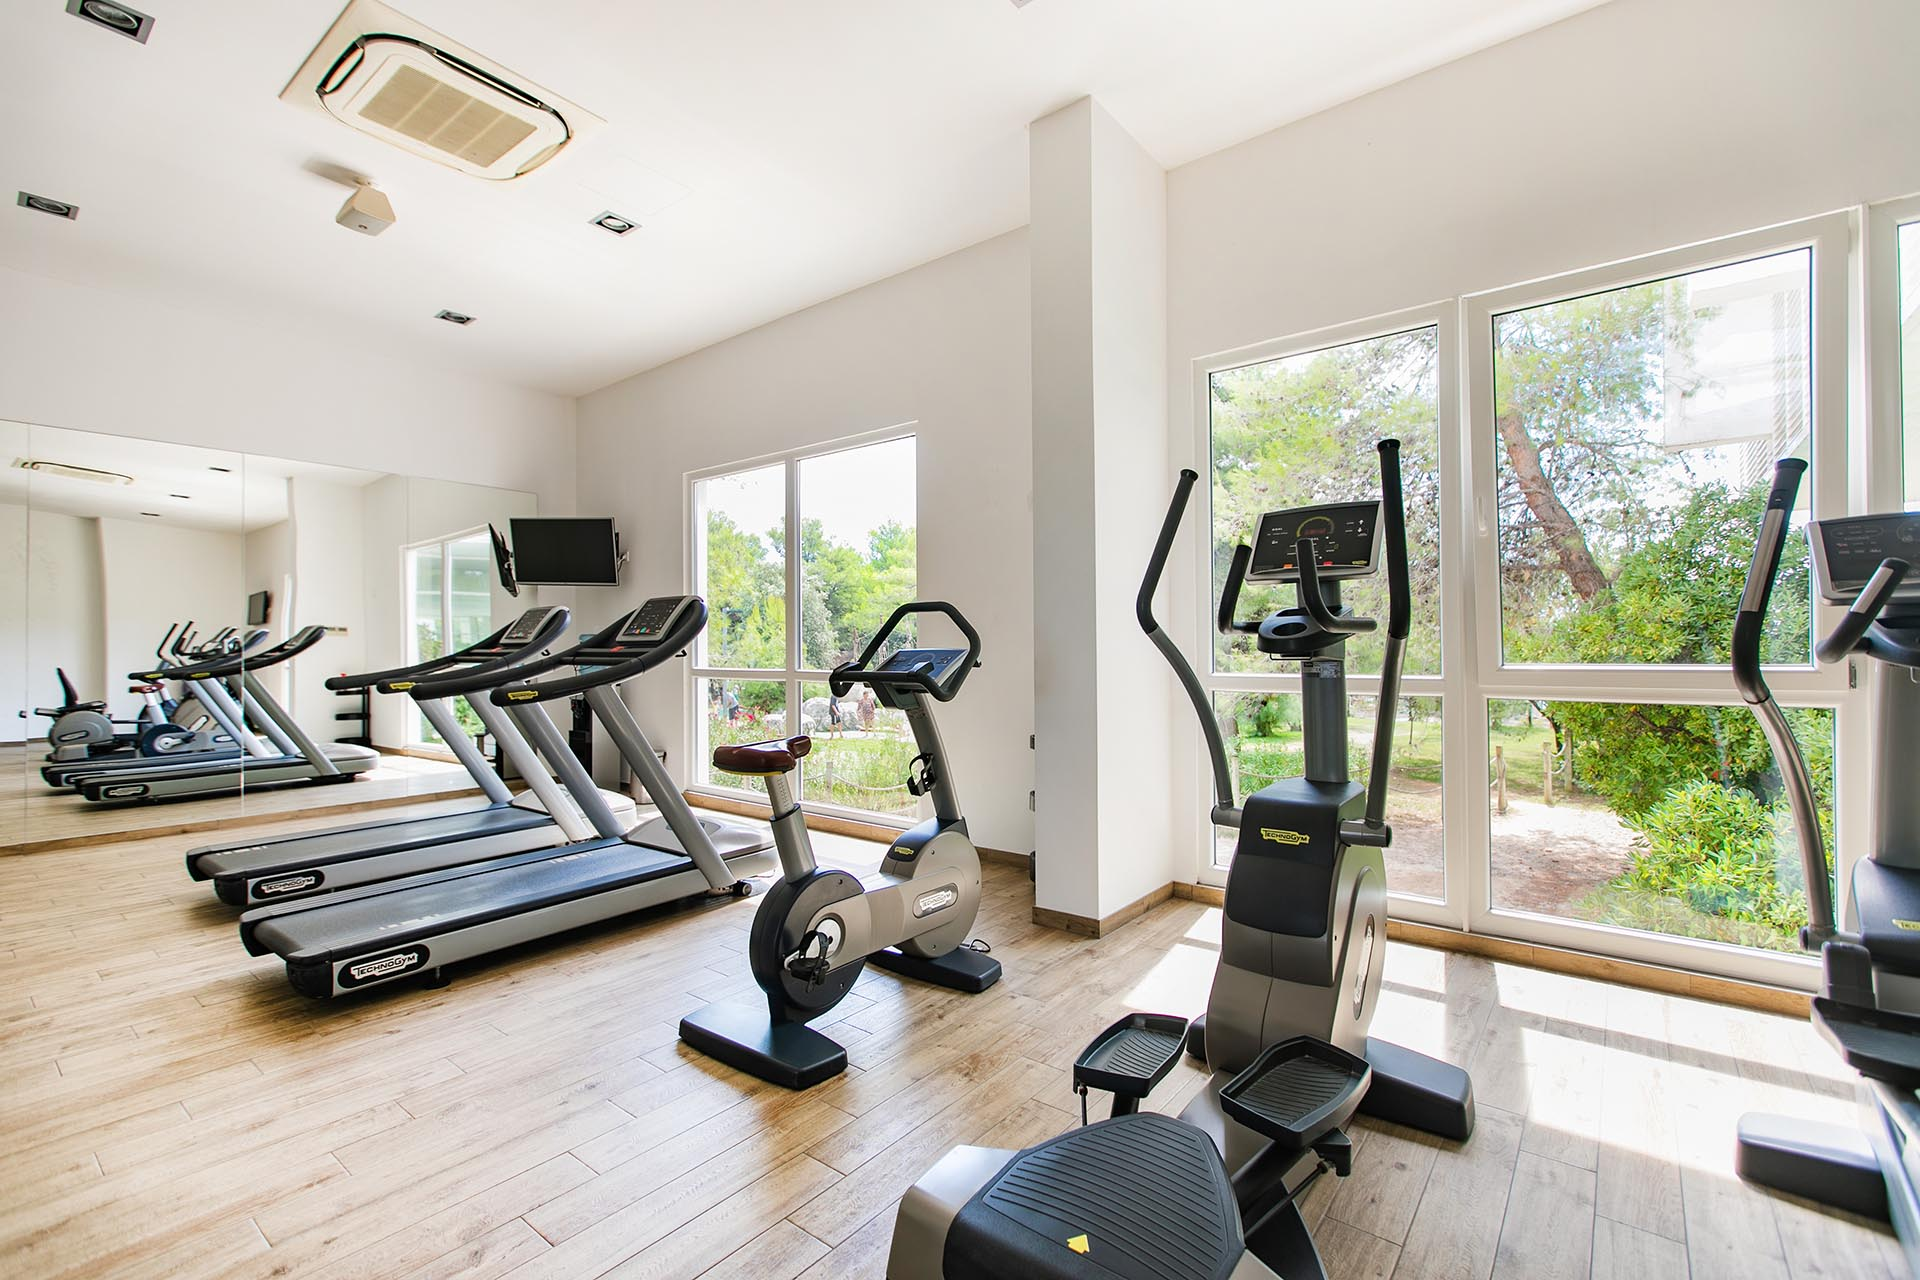 Amadria-SIBENIK-LKIB-Ivan-LR-061-Spa&Wellness-fitness